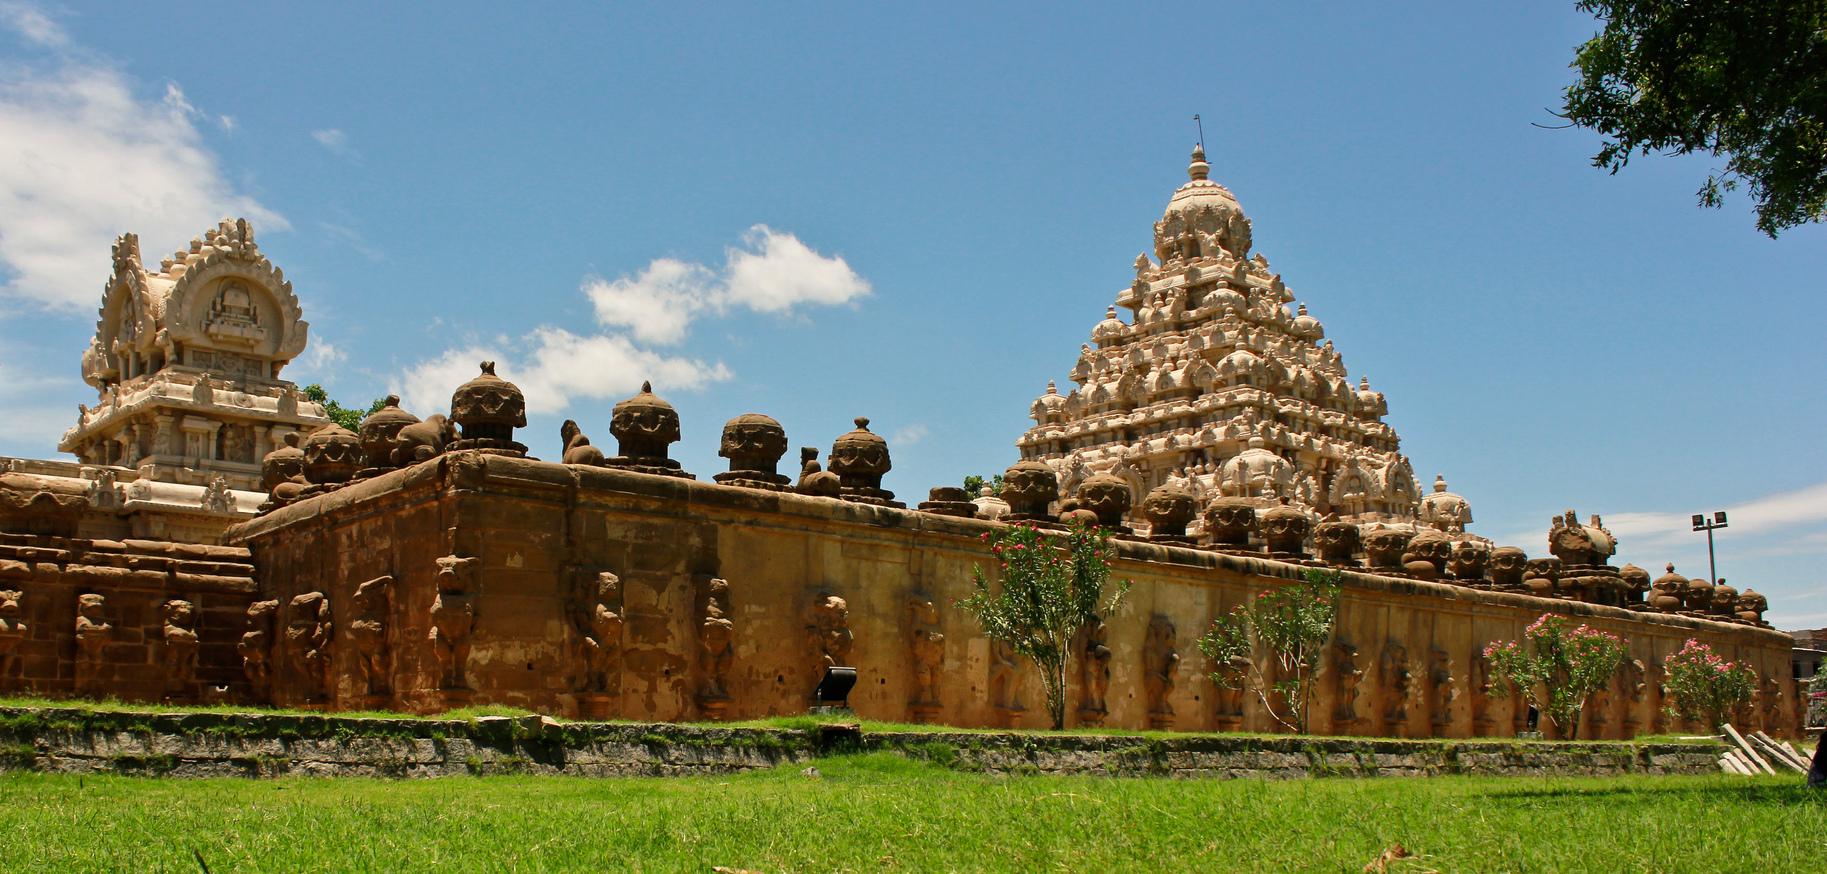 கைலாசநாதர் கோயில், காஞ்சிபுரம்